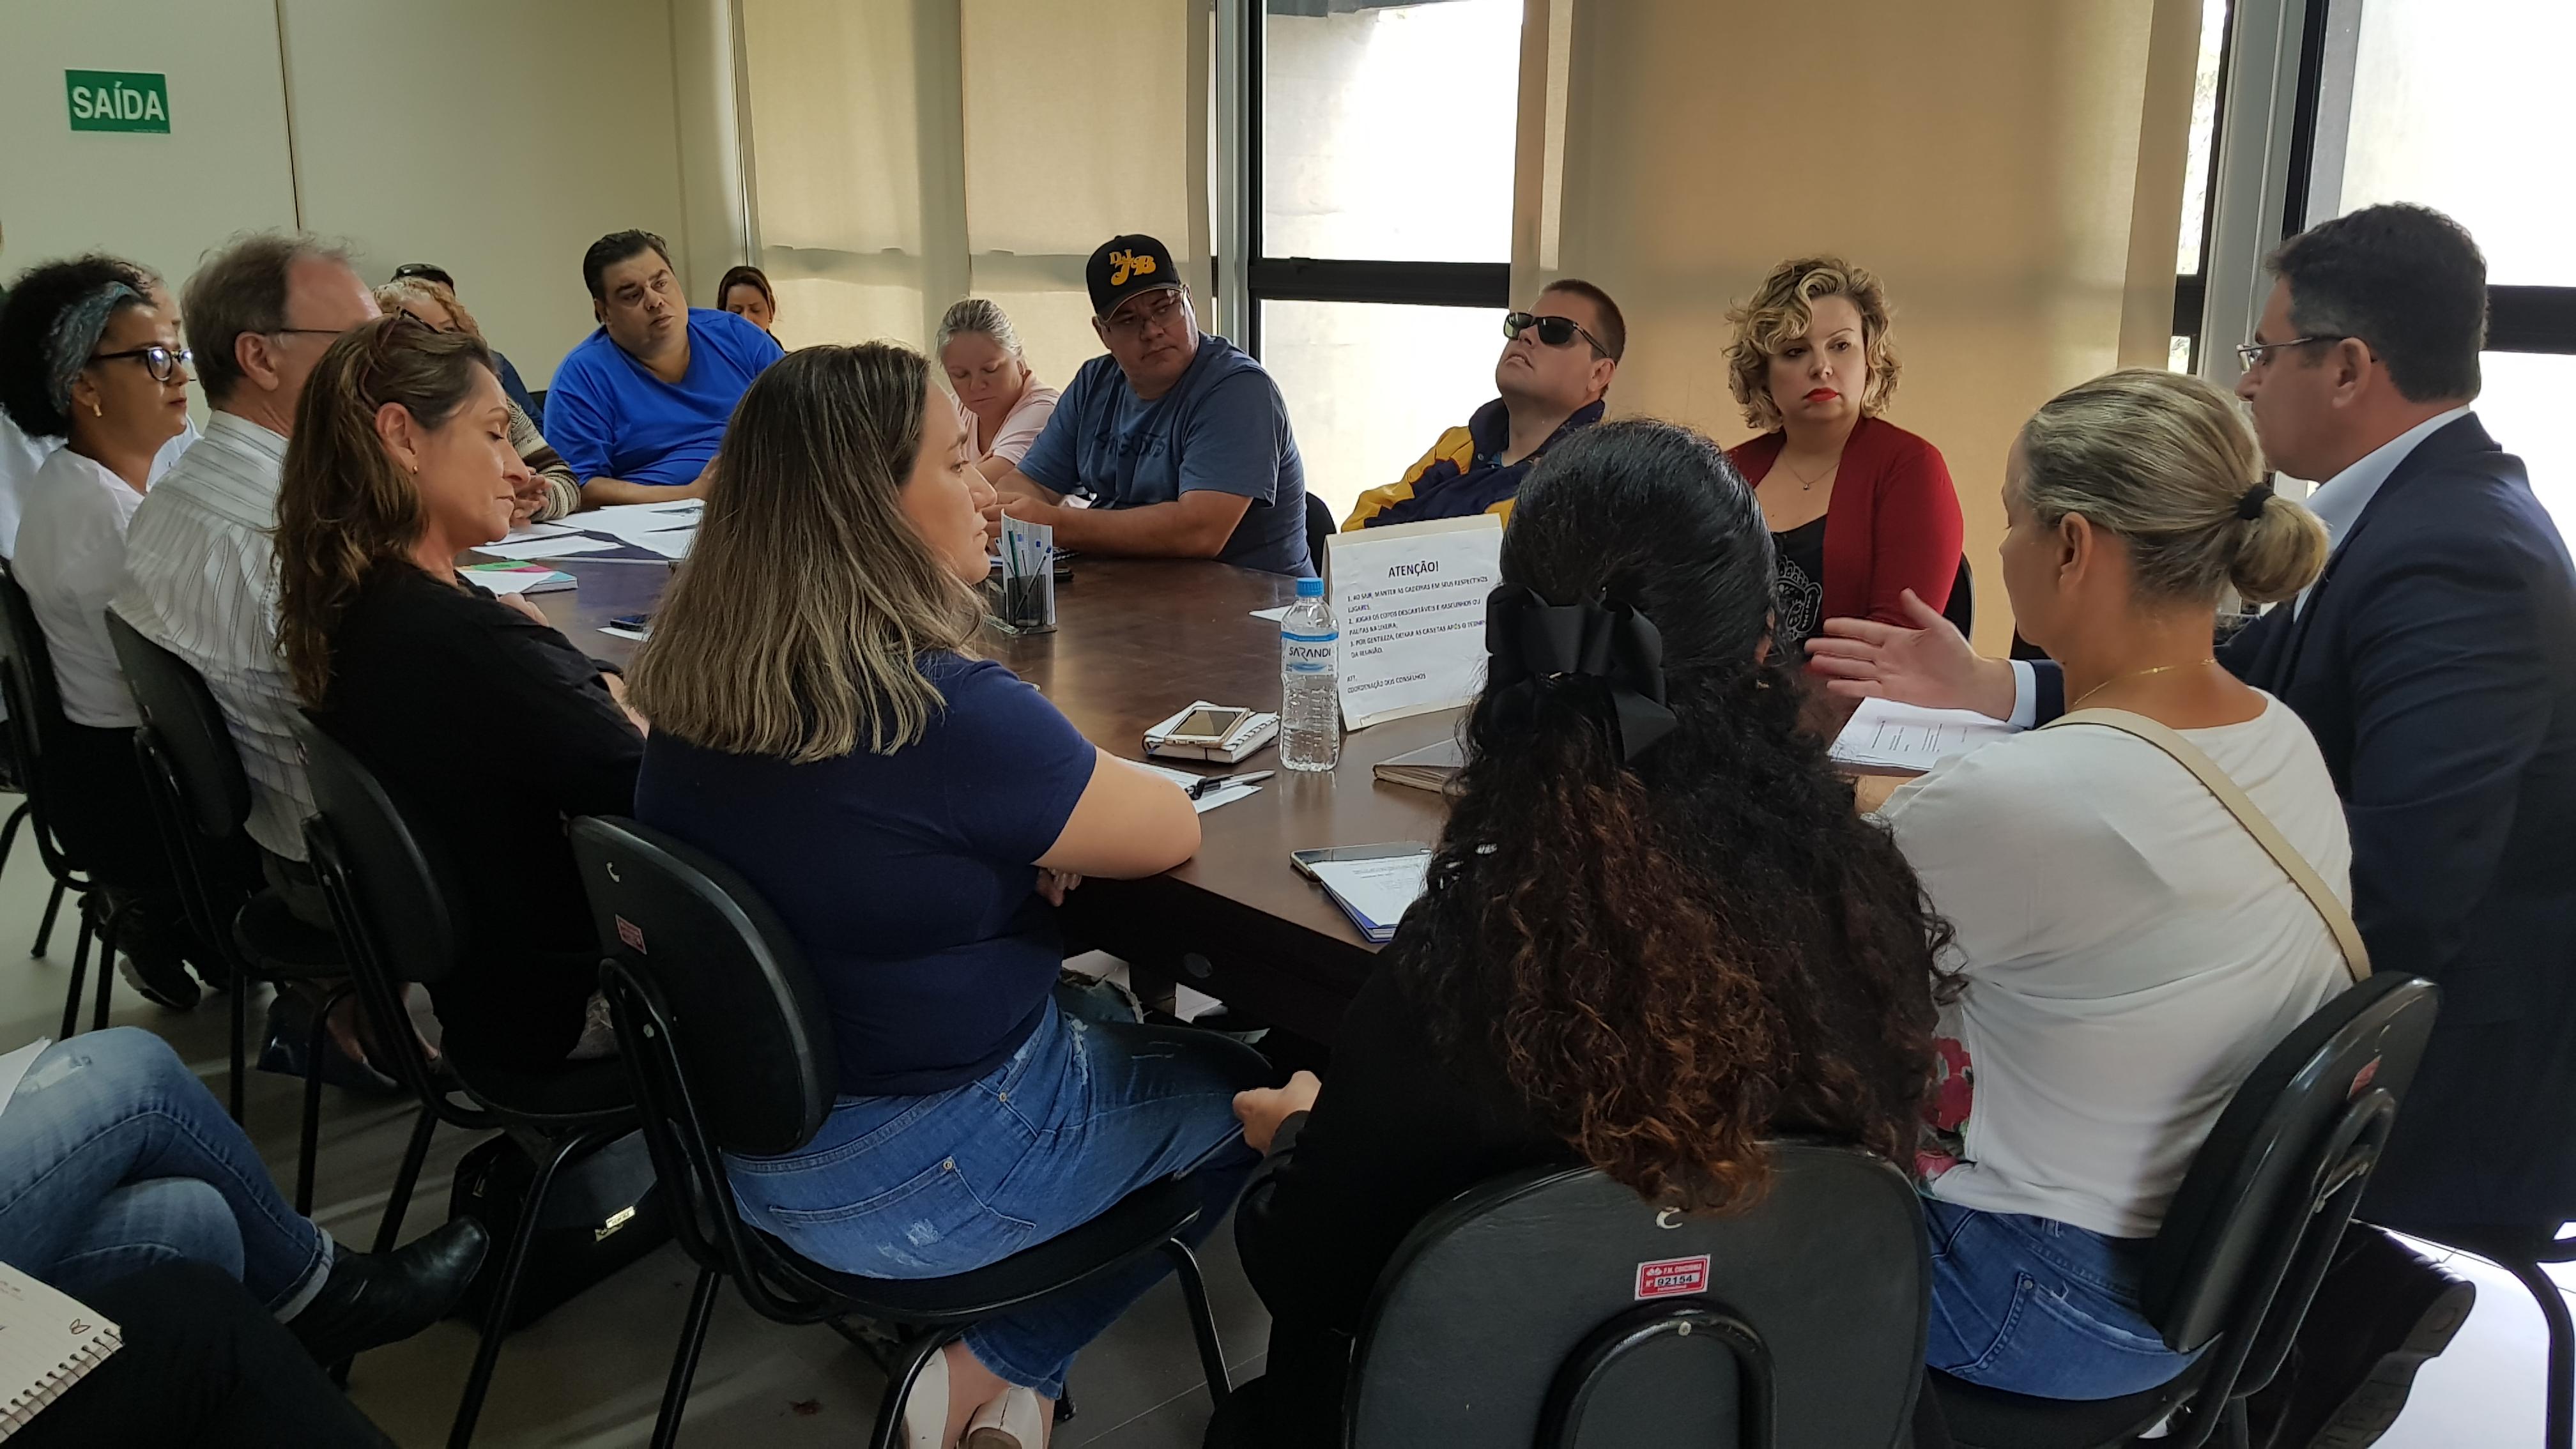 Conselho Municipal dos Direitos da Pessoa com Deficiência discute acessibilidade nas ruas de Criciúma